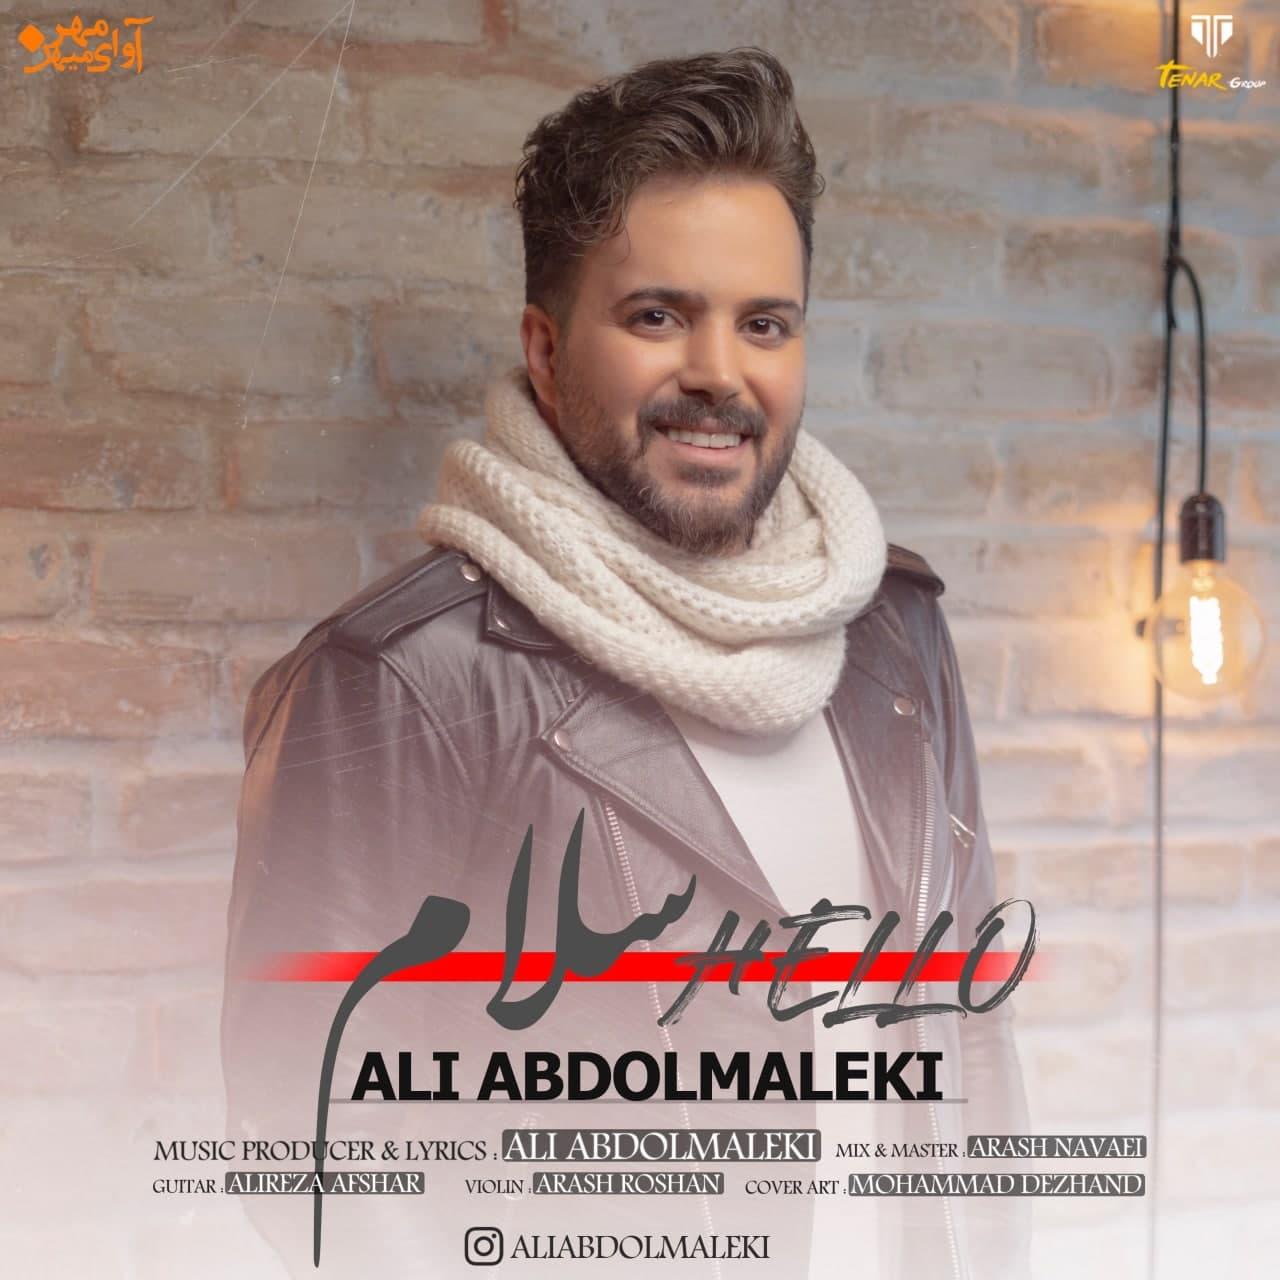 دانلود موزیک جدید سلام از علی عبدالمالکی